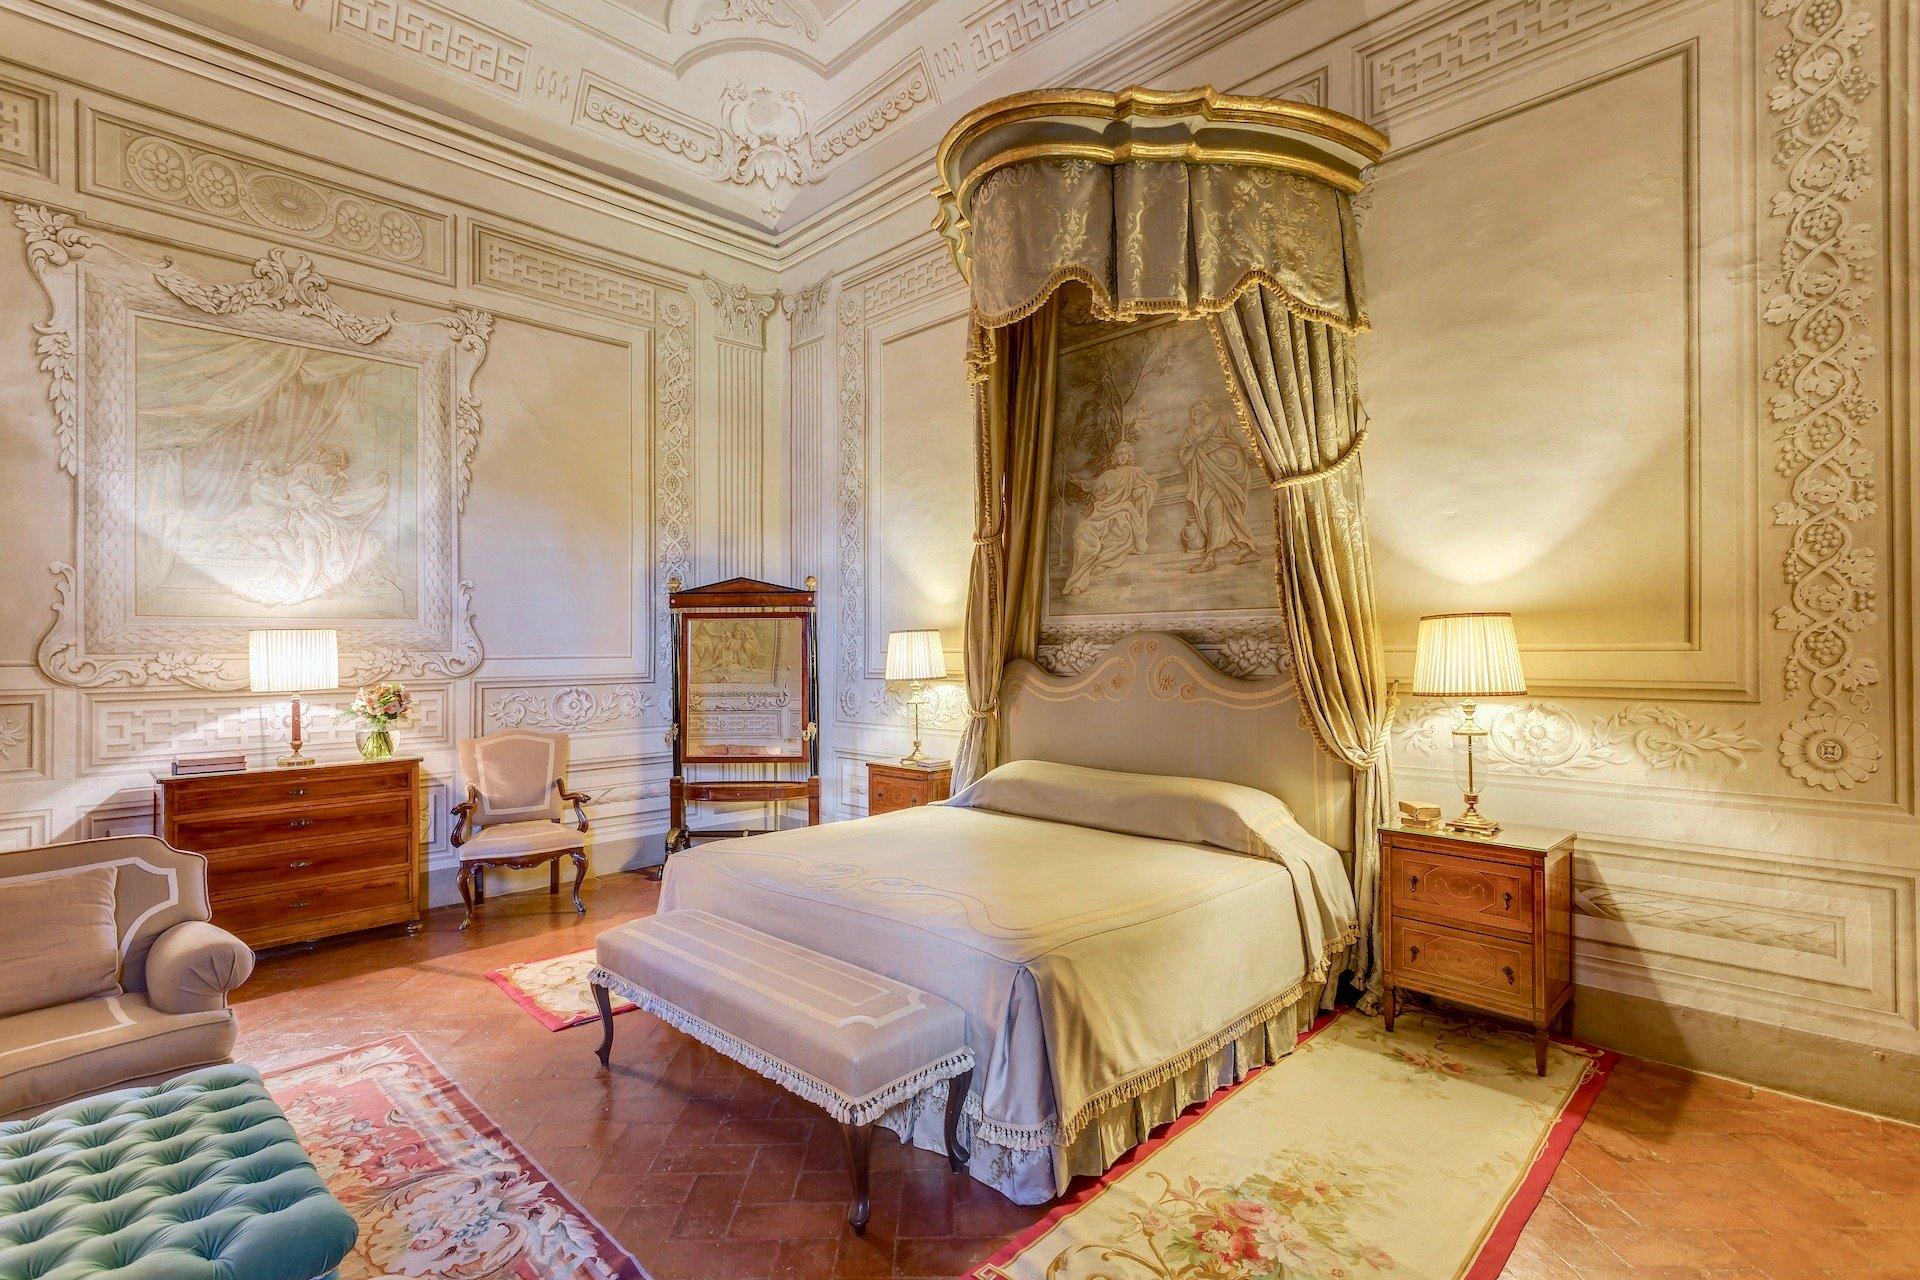 6. The Baldacchino Bedroom